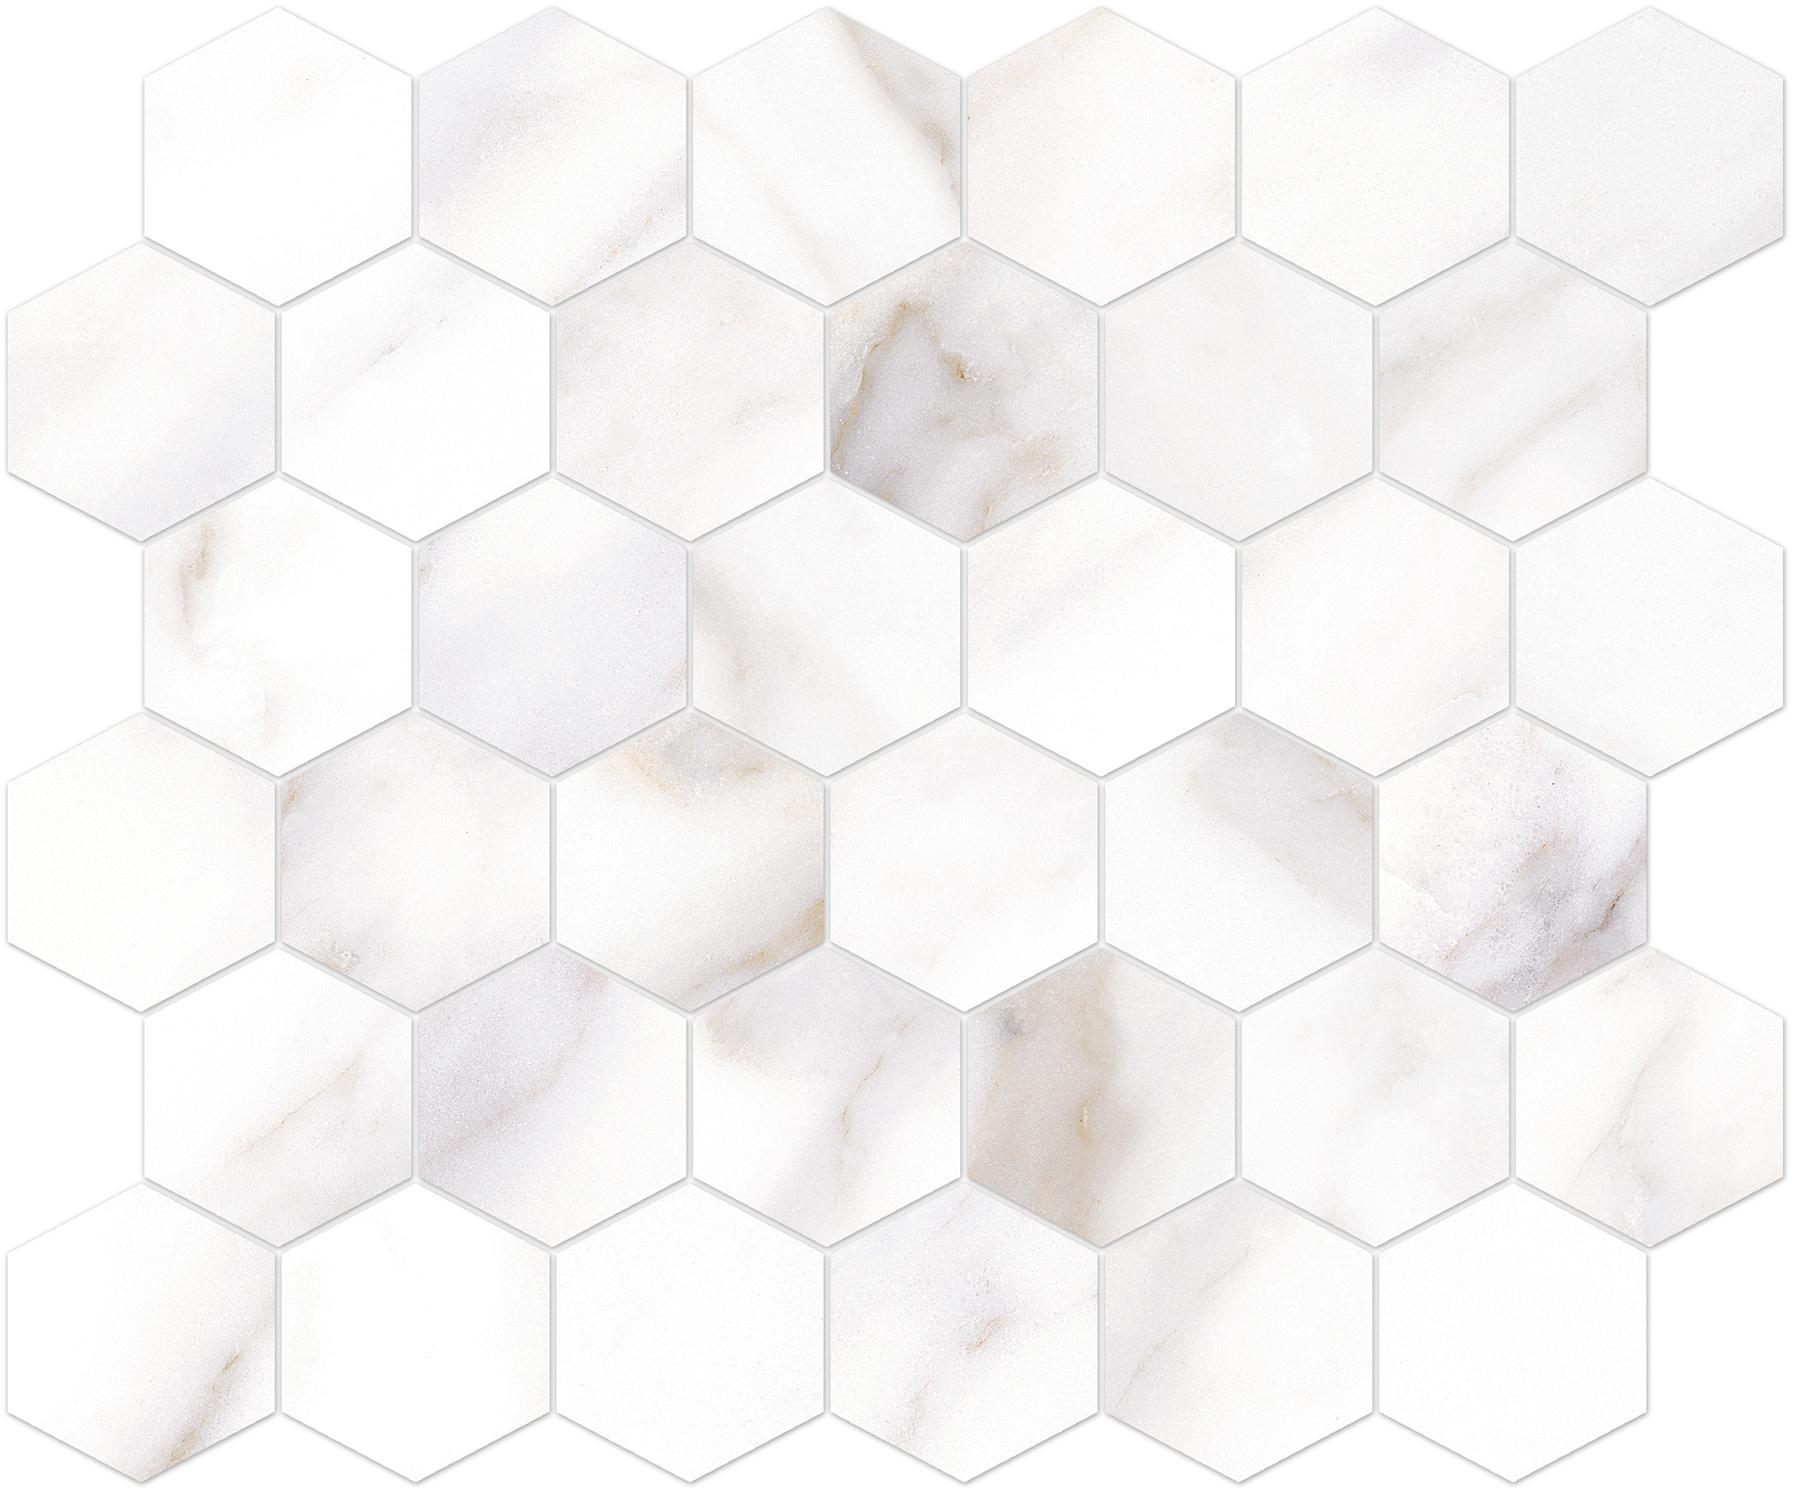 8880/720, Bernini Stone, Keltainen, lattia,mosaiikki